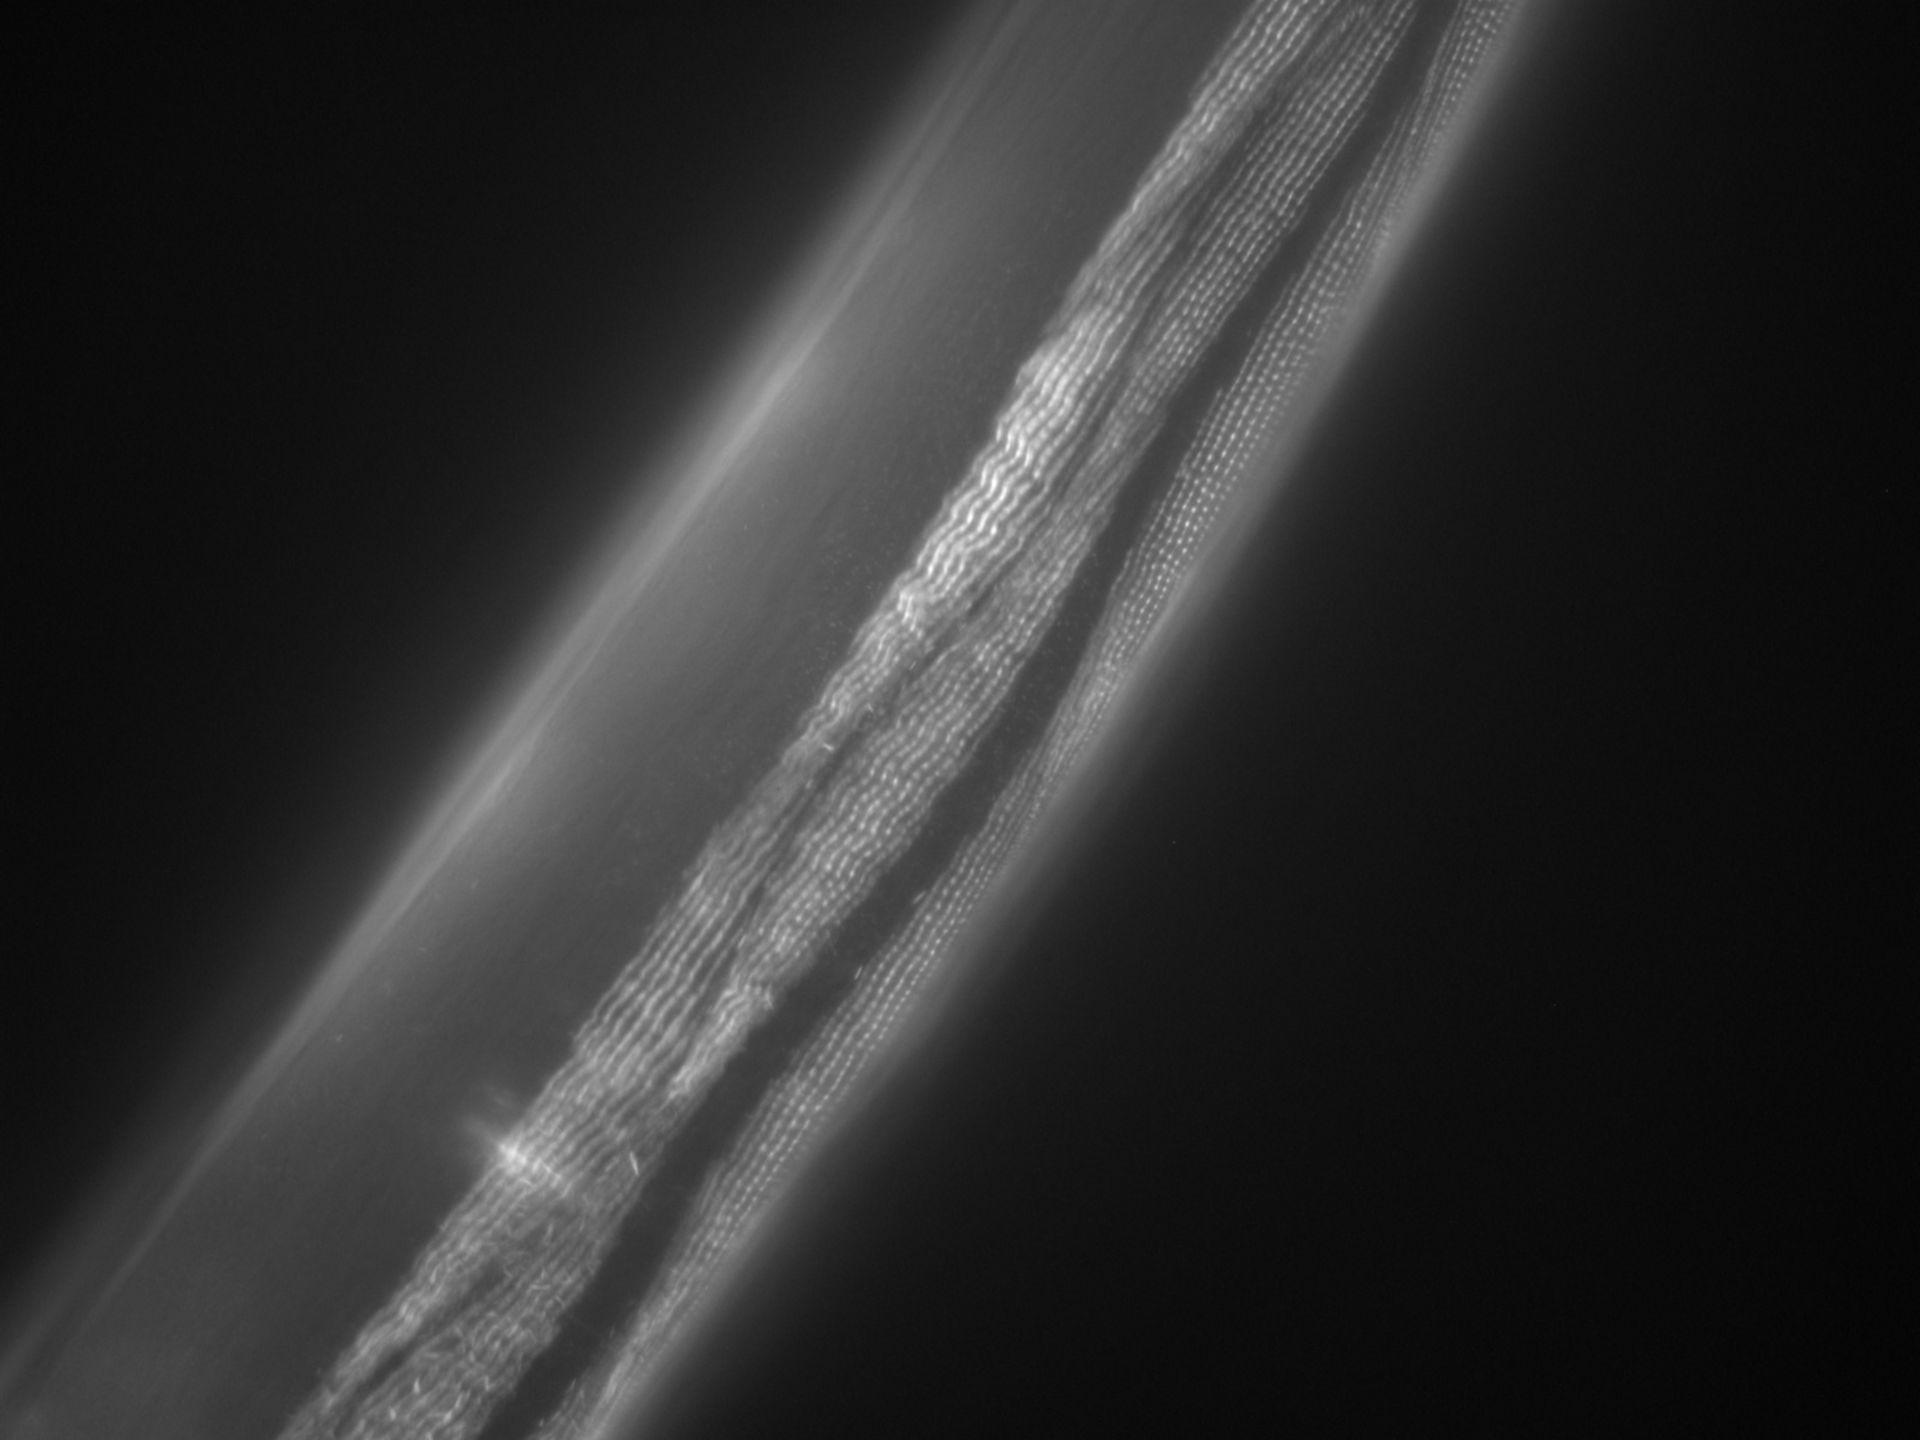 Caenorhabditis elegans (Actin filament) - CIL:1050